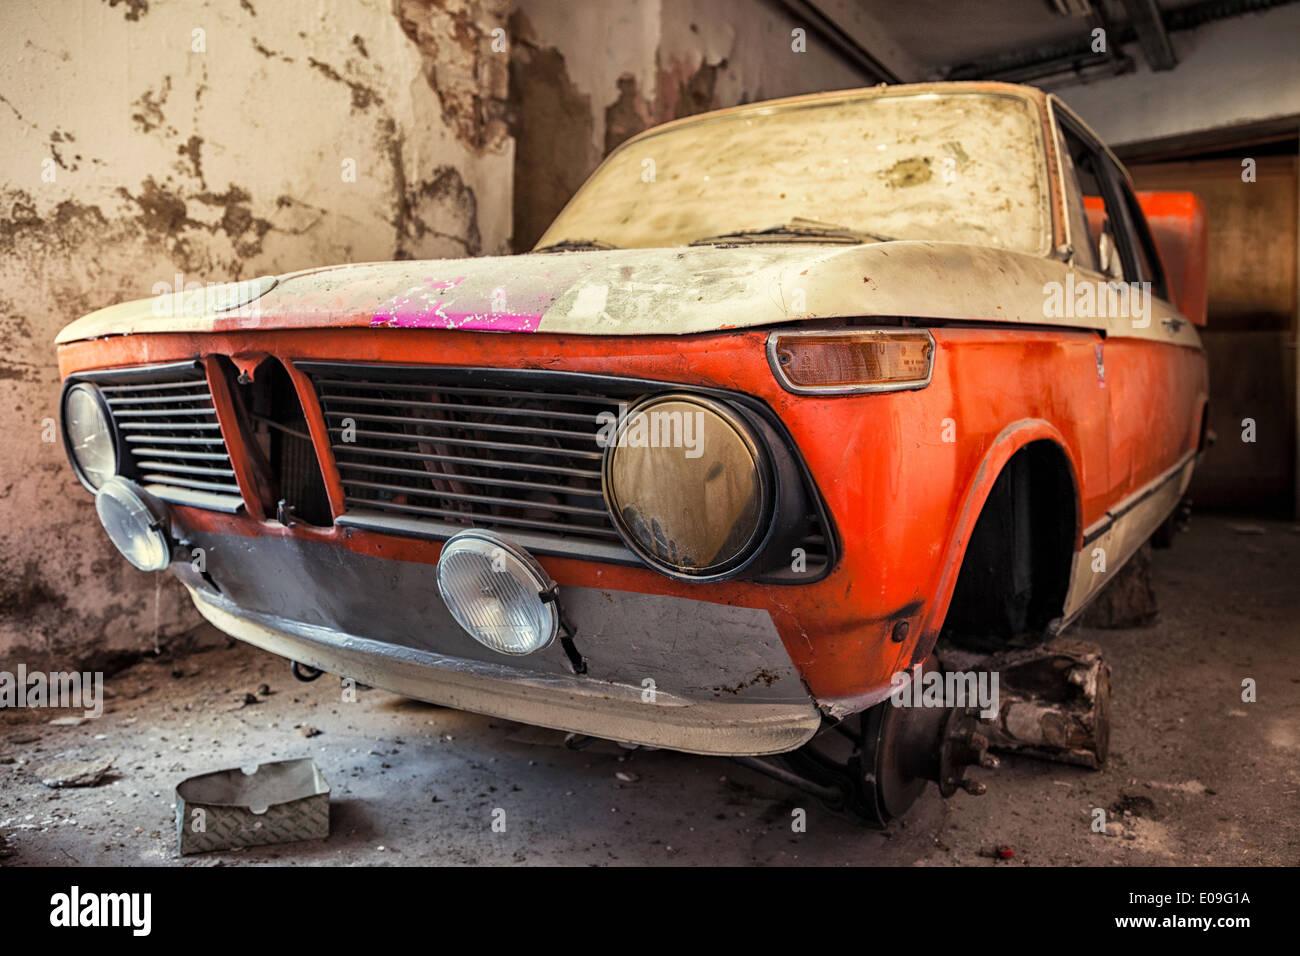 Incomplete vintage car in garage - Stock Image